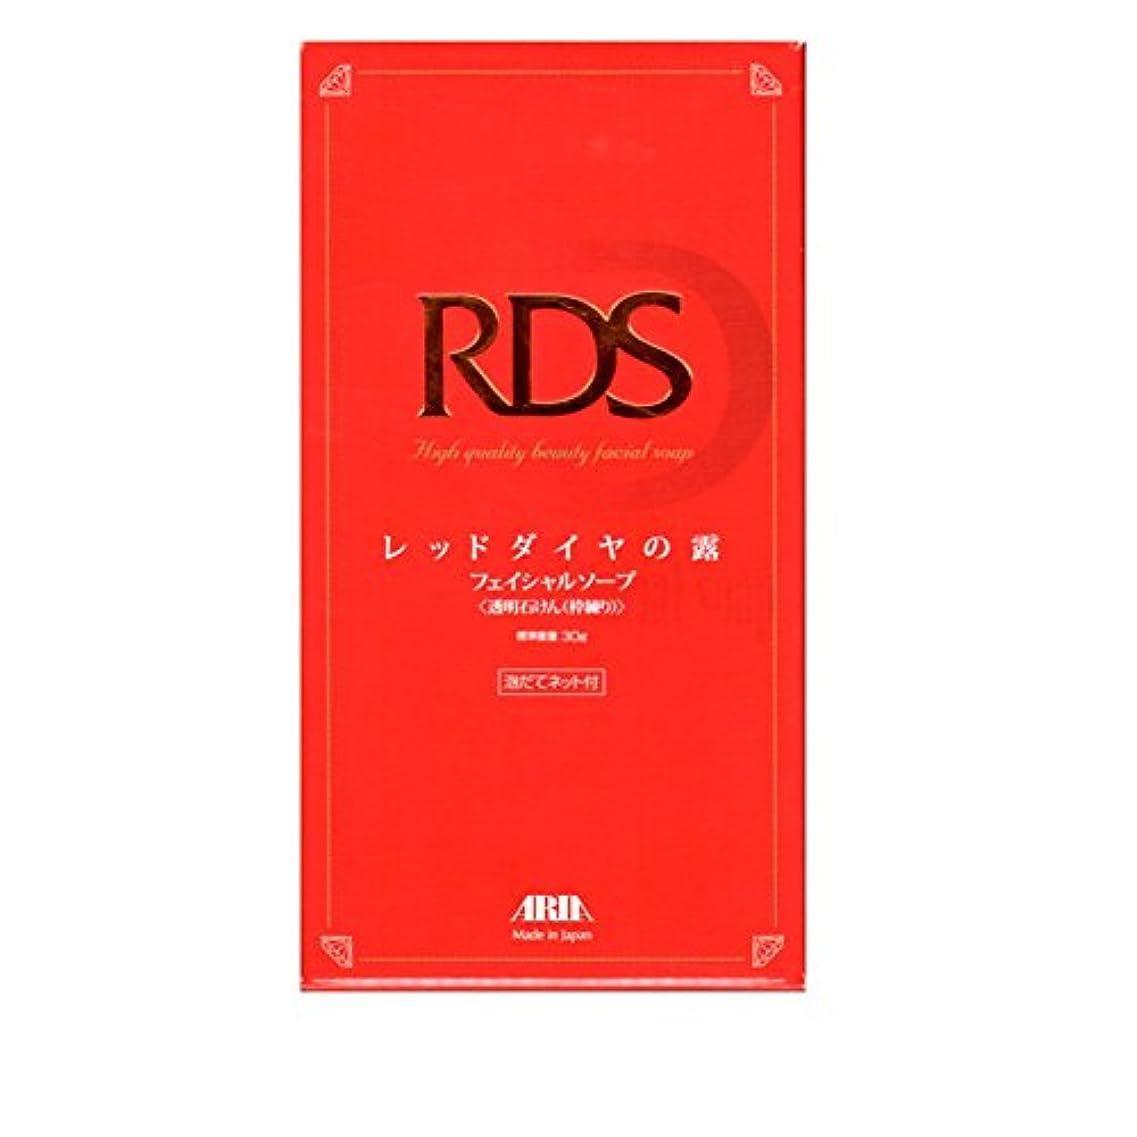 エミュレートする瞑想する変なレッドダイヤの露 フェイシャルソープ 洗顔 石鹸 日本製